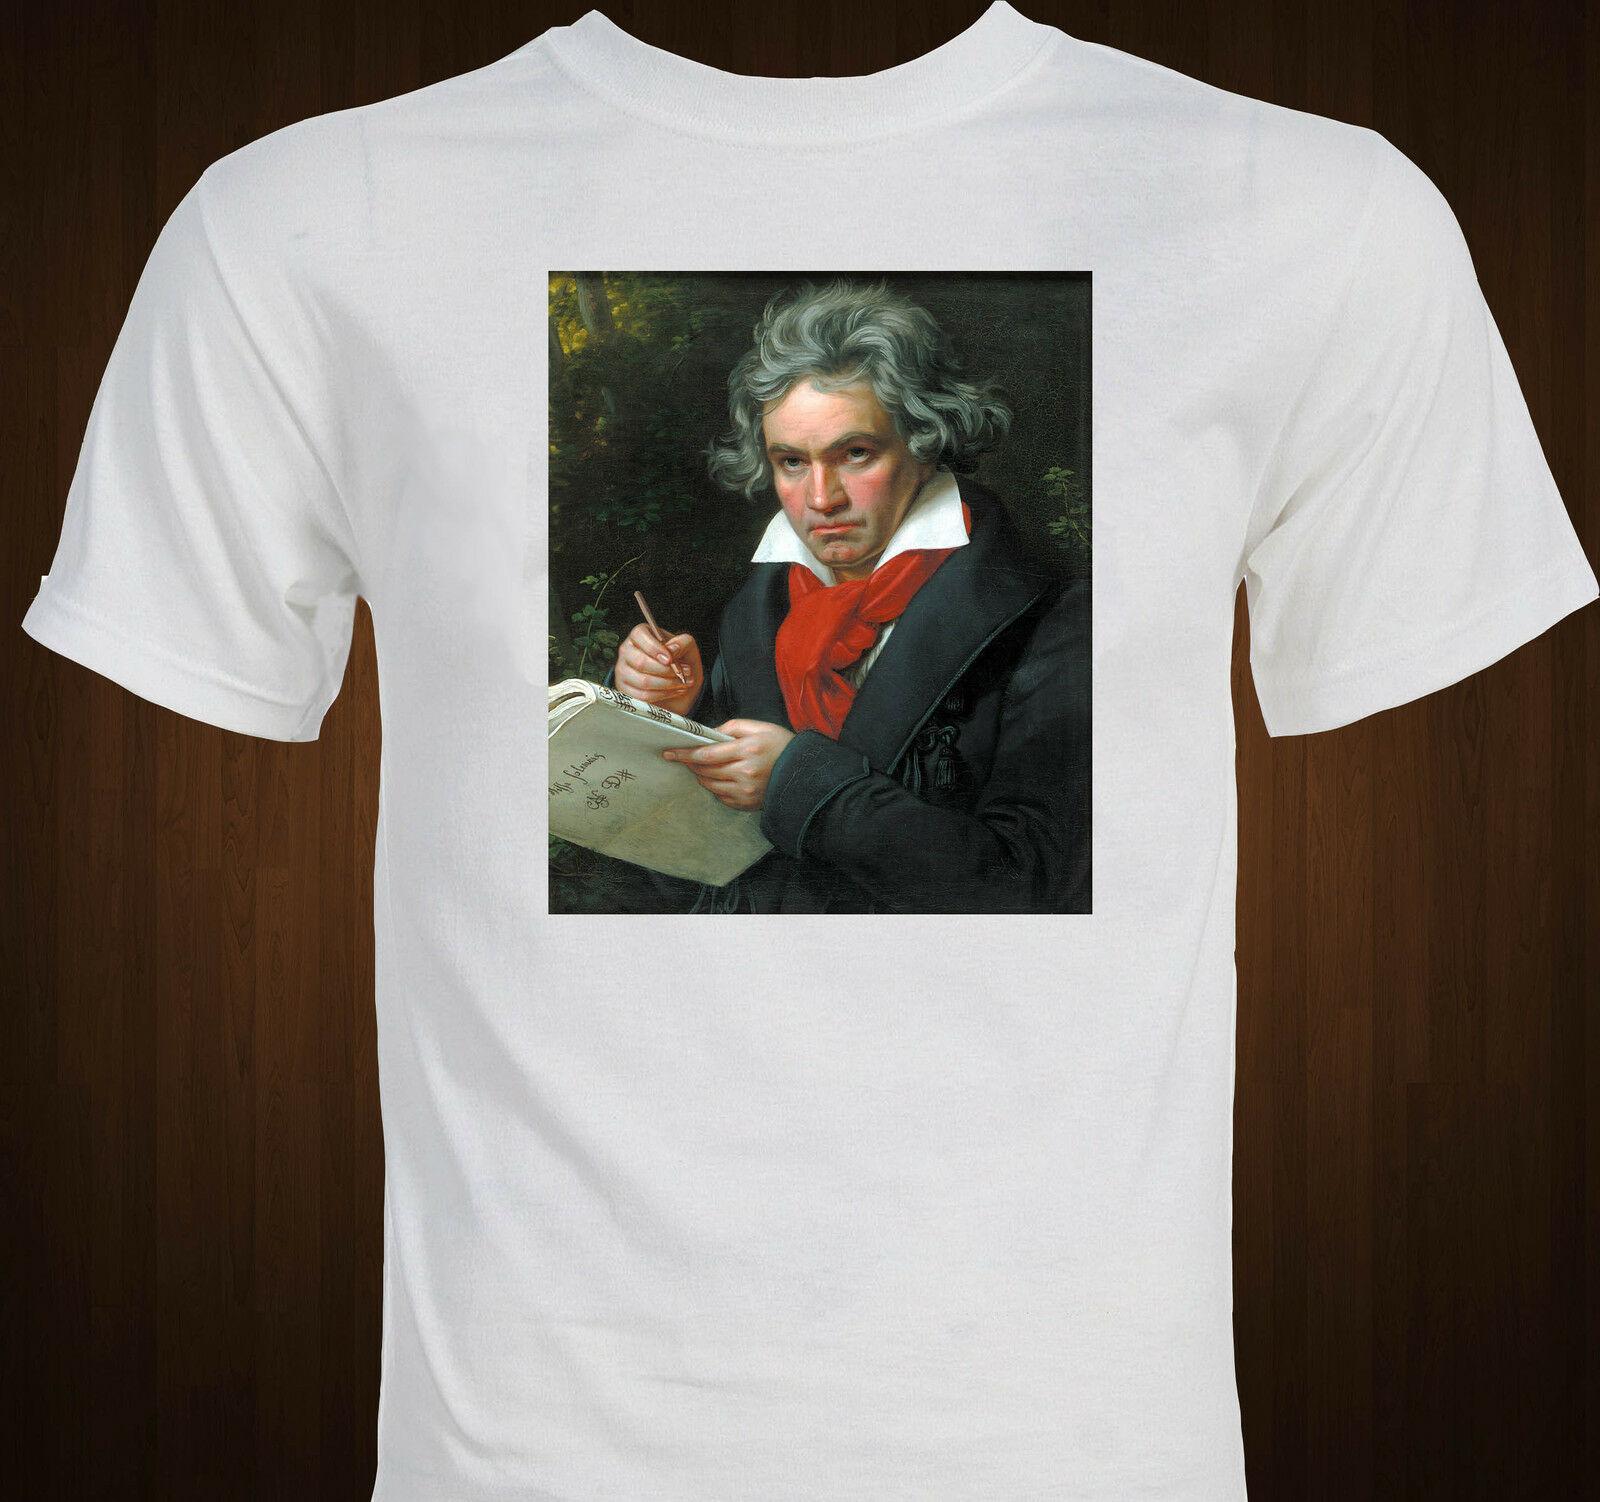 Ludwig-camisa de estilo veraniego para hombre, ropa de marca a la moda...